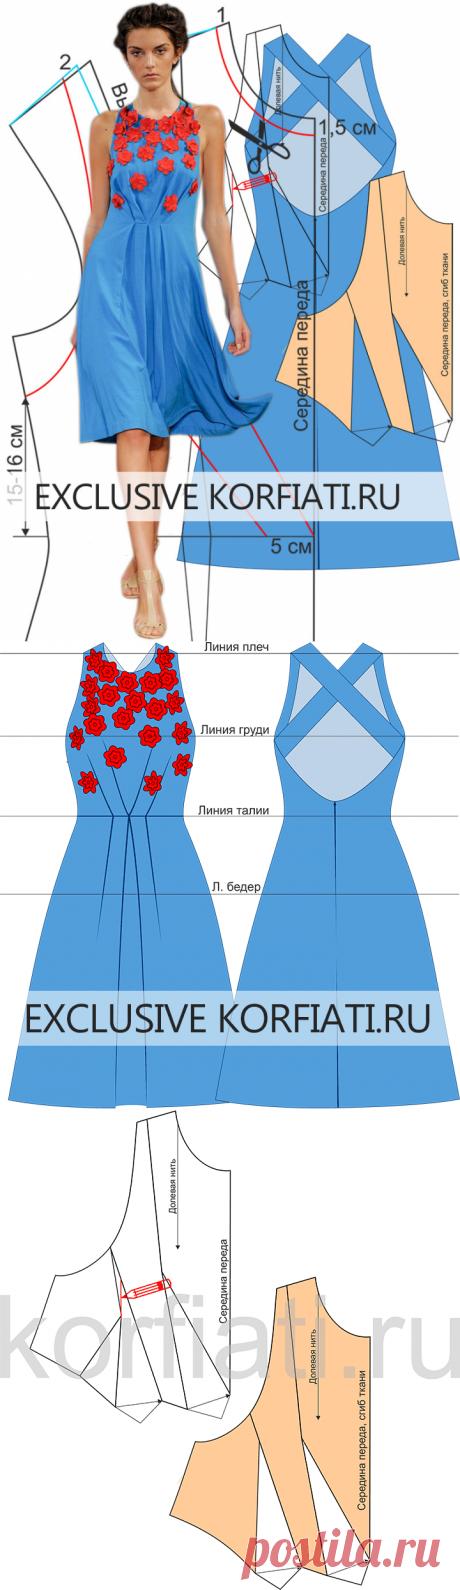 Выкройка платья с аппликацией от Анастасии Корфиати